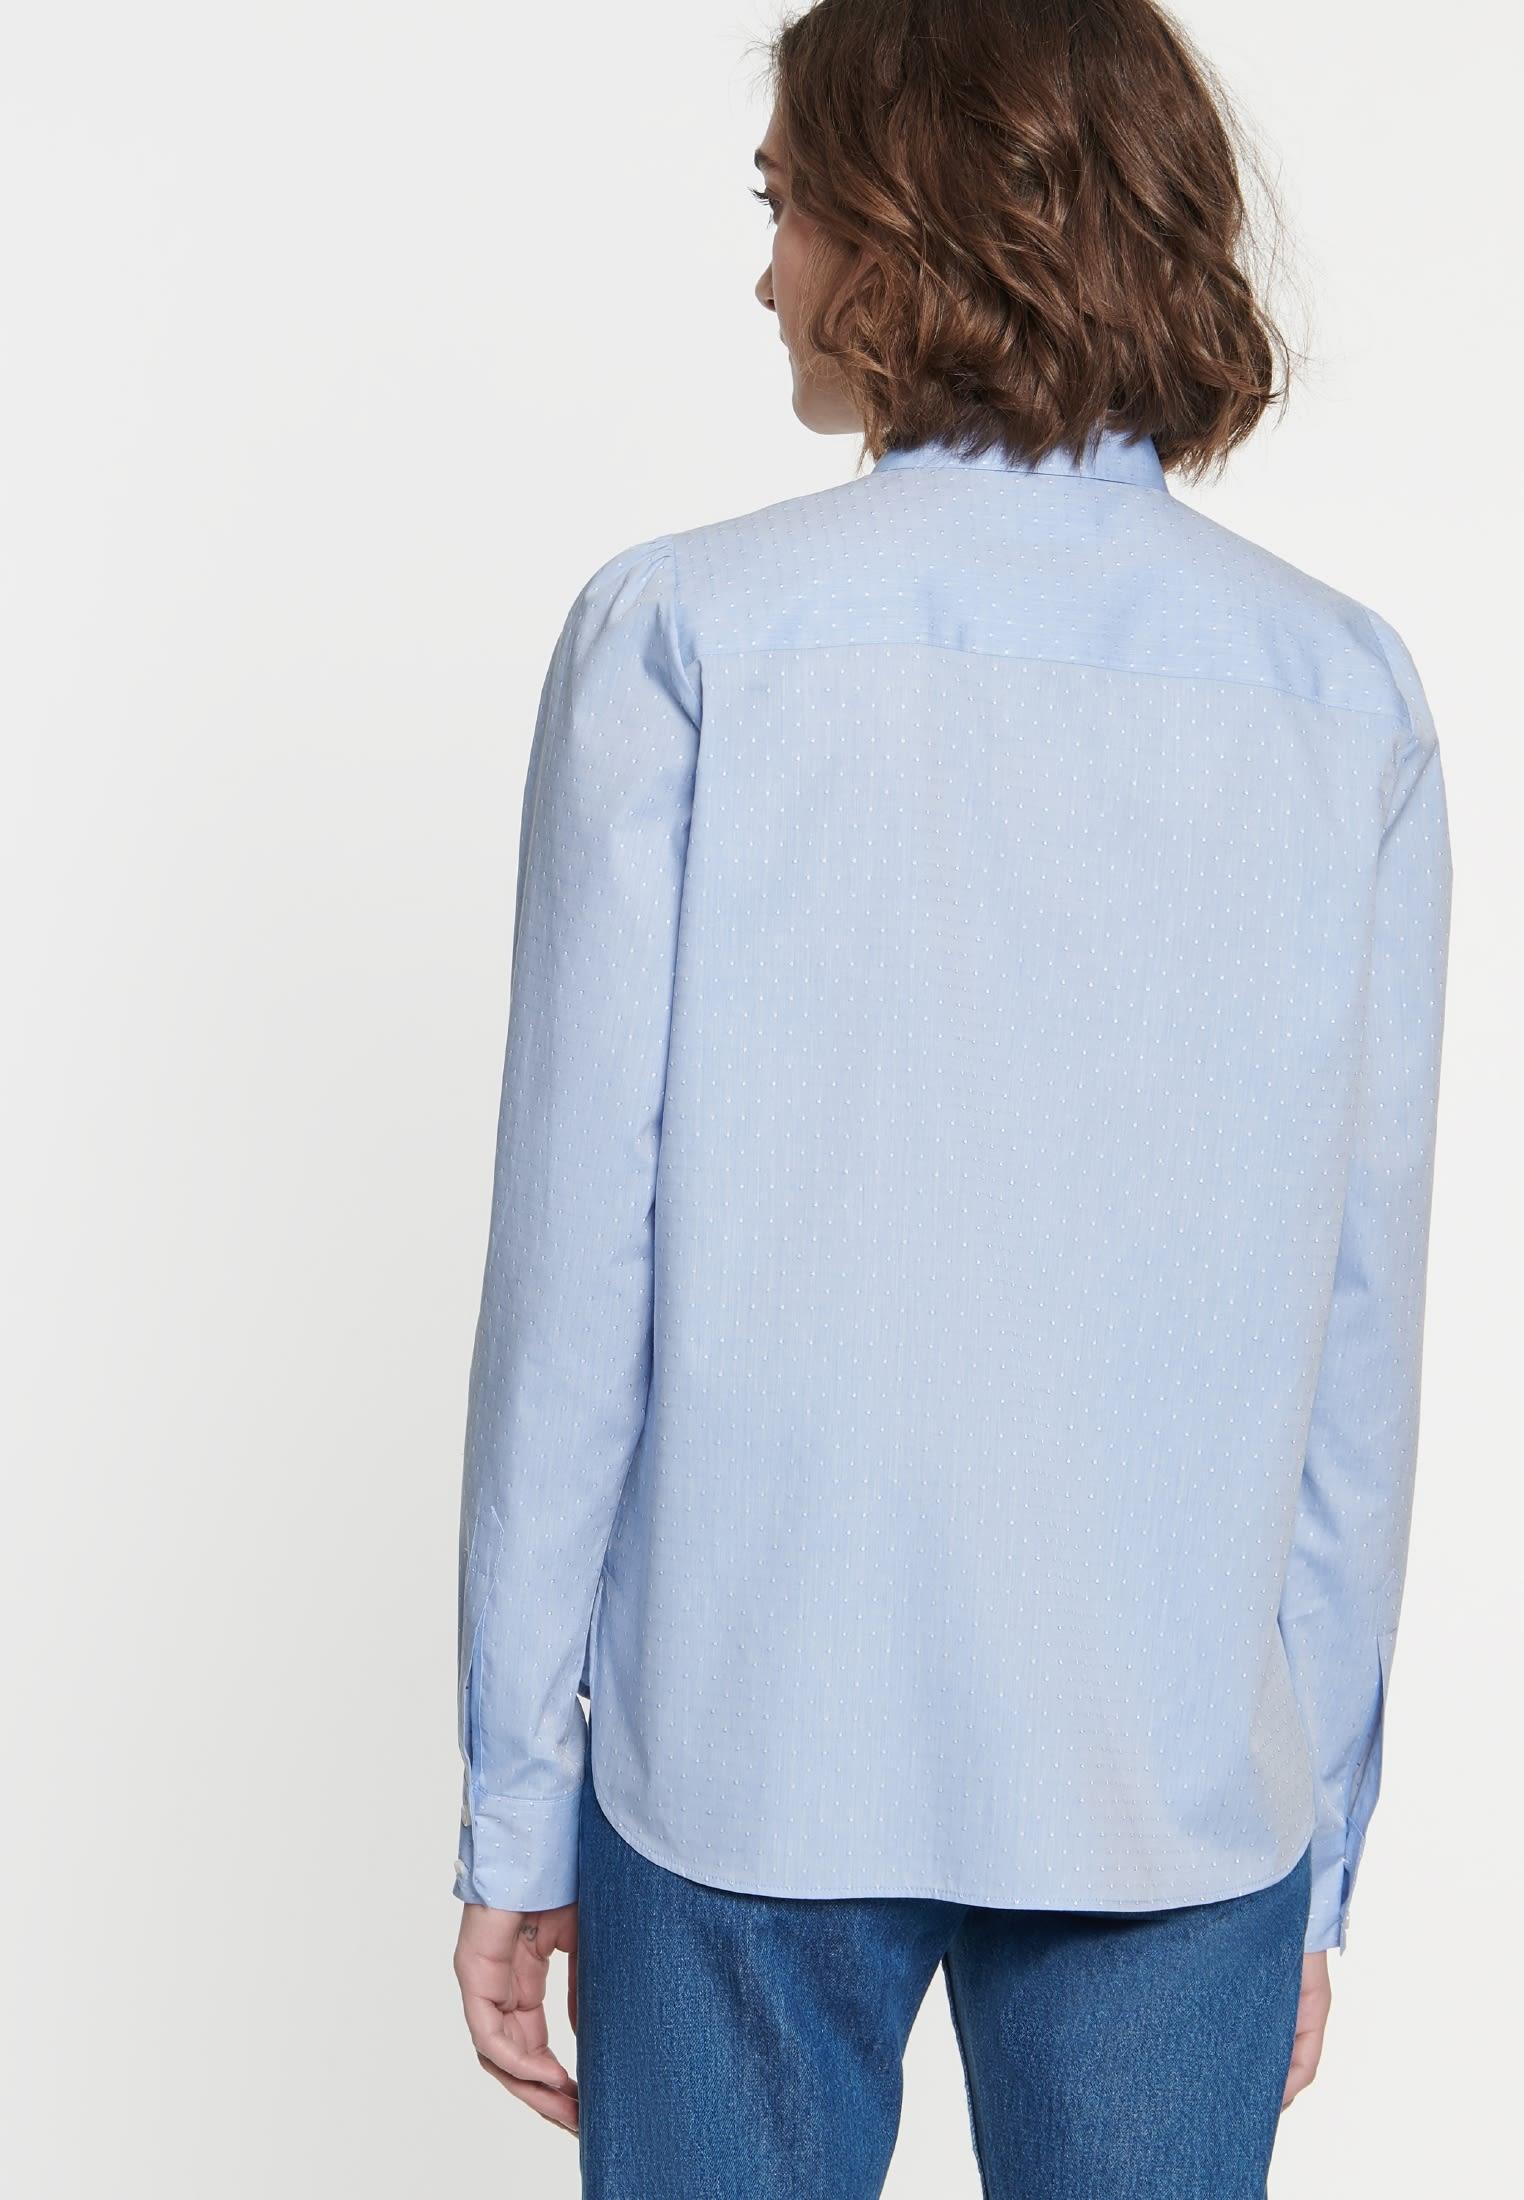 Jacquard Hemdbluse aus 100% Baumwolle in Hellblau |  Seidensticker Onlineshop